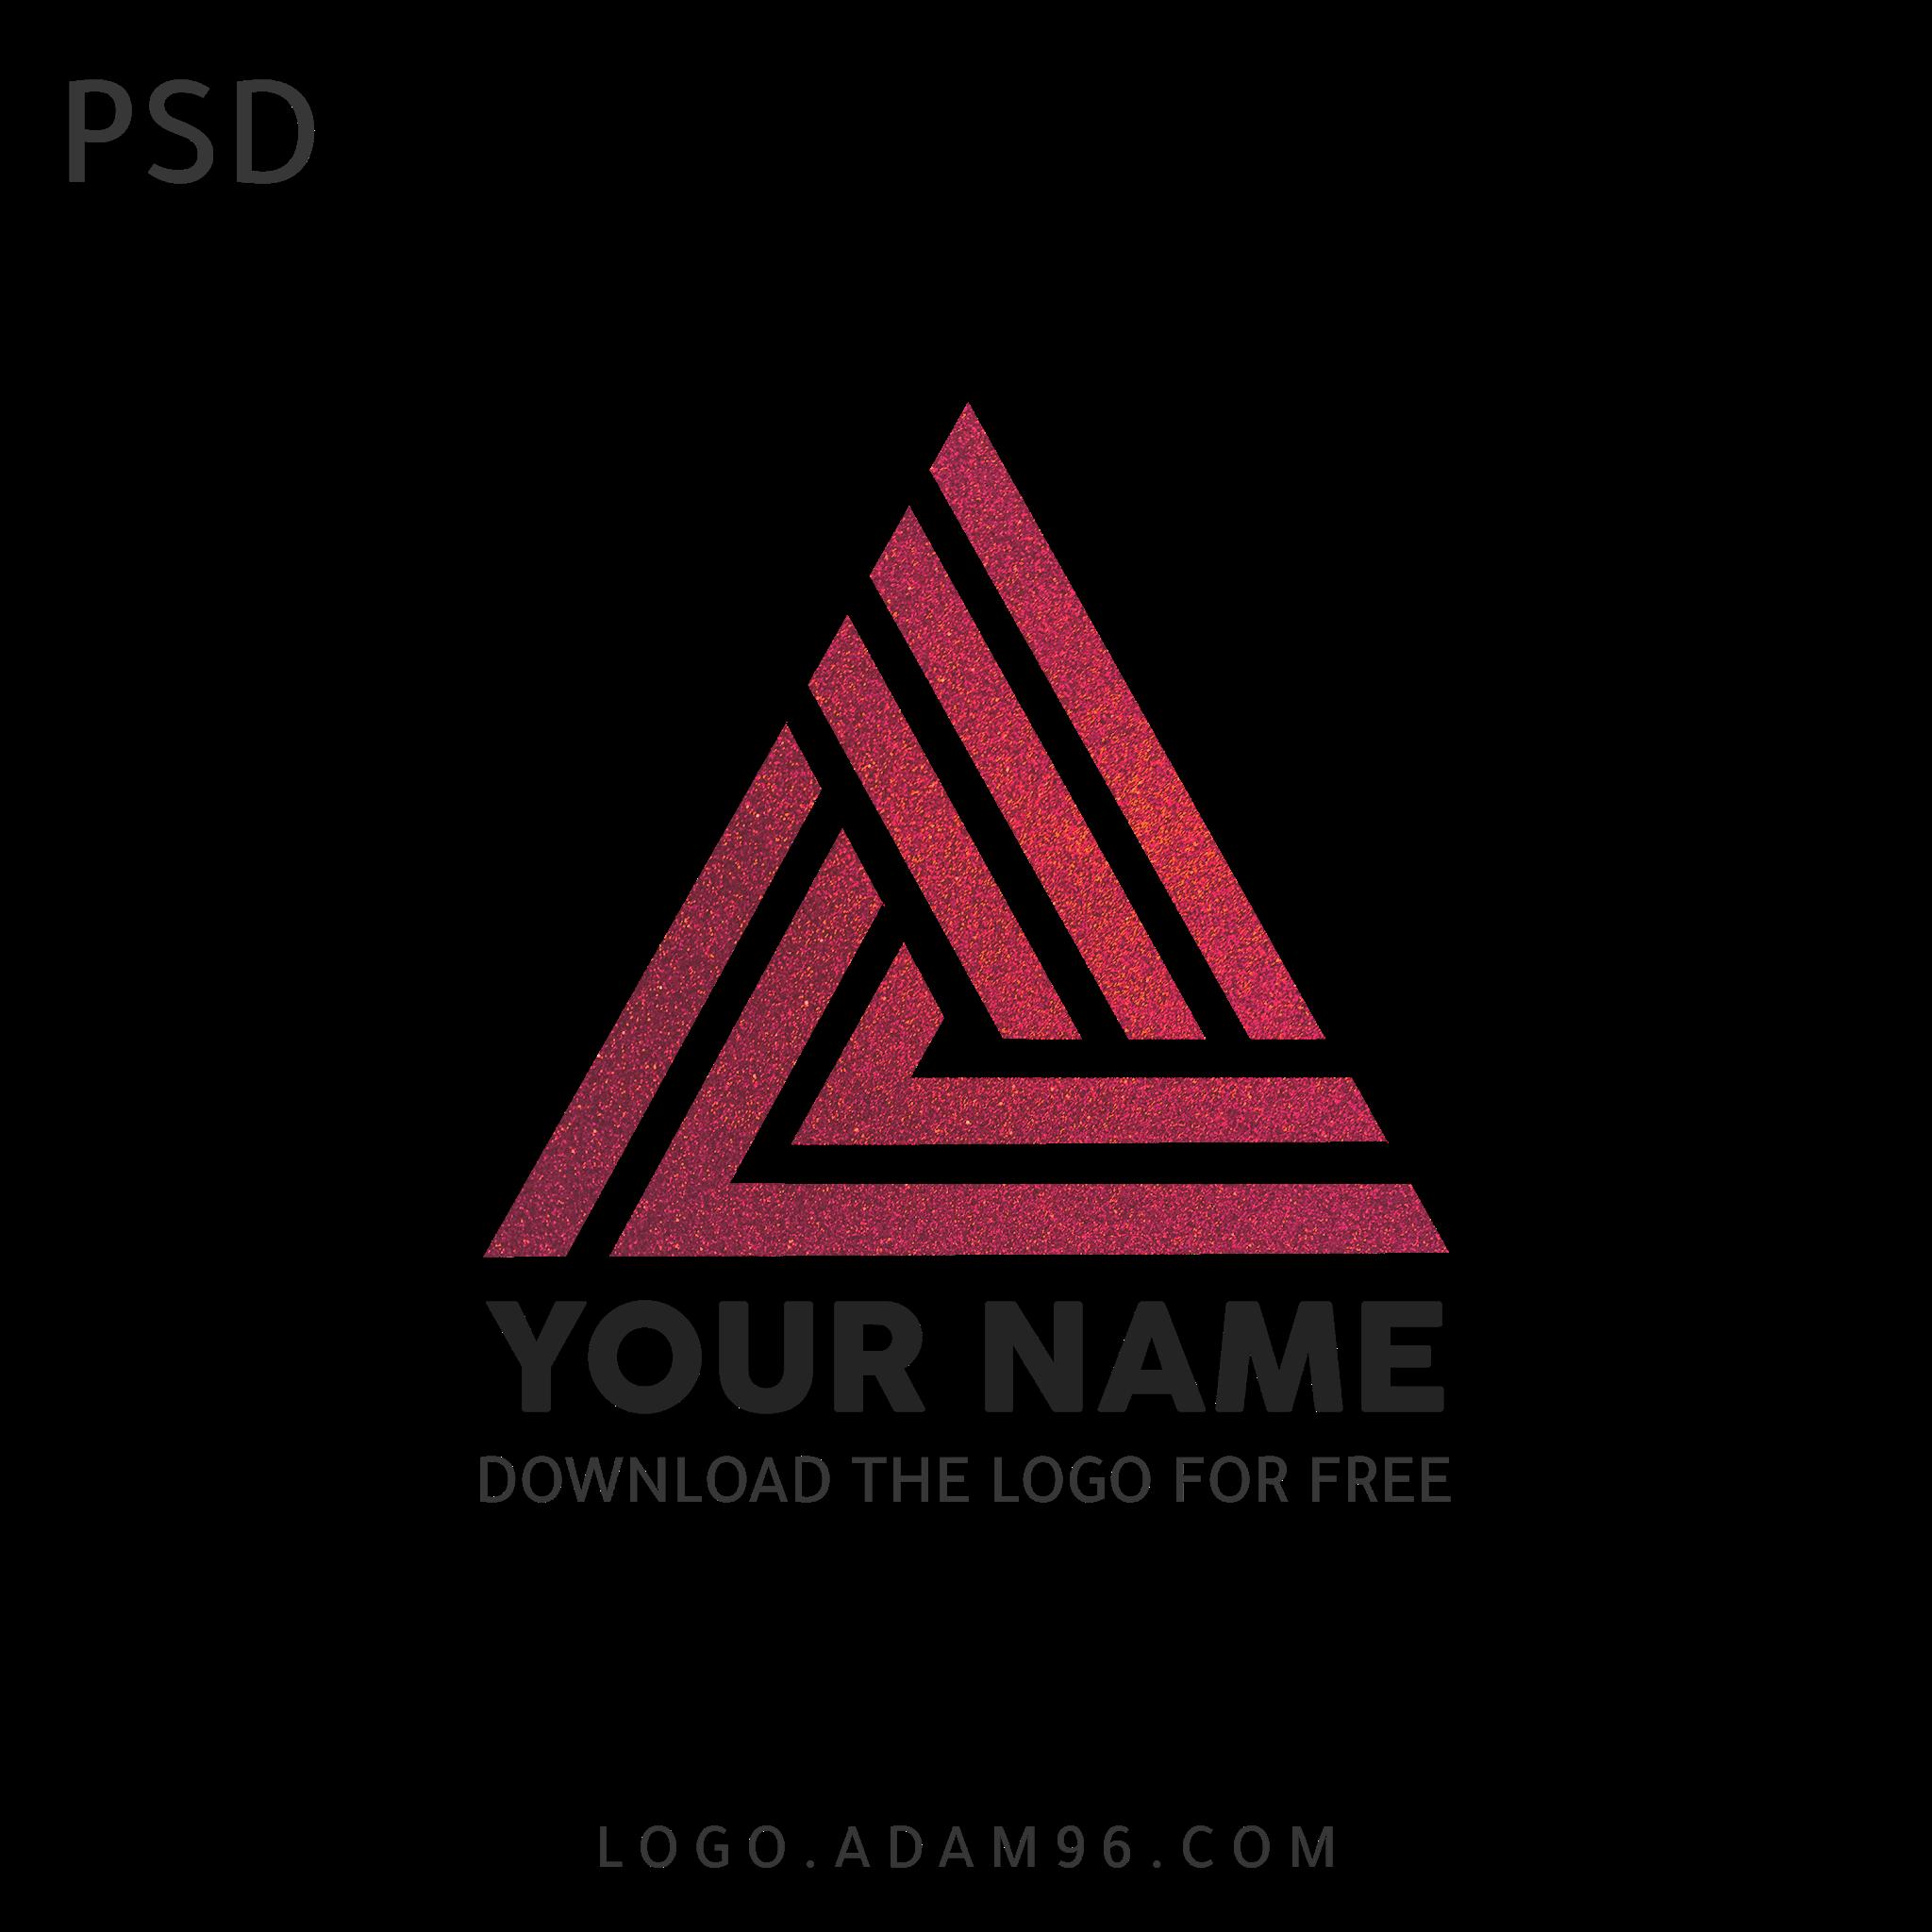 تحميل شعار احترافي مجاناً بدون حقوق ملف مفتوح للتعديل بصيغة PSD